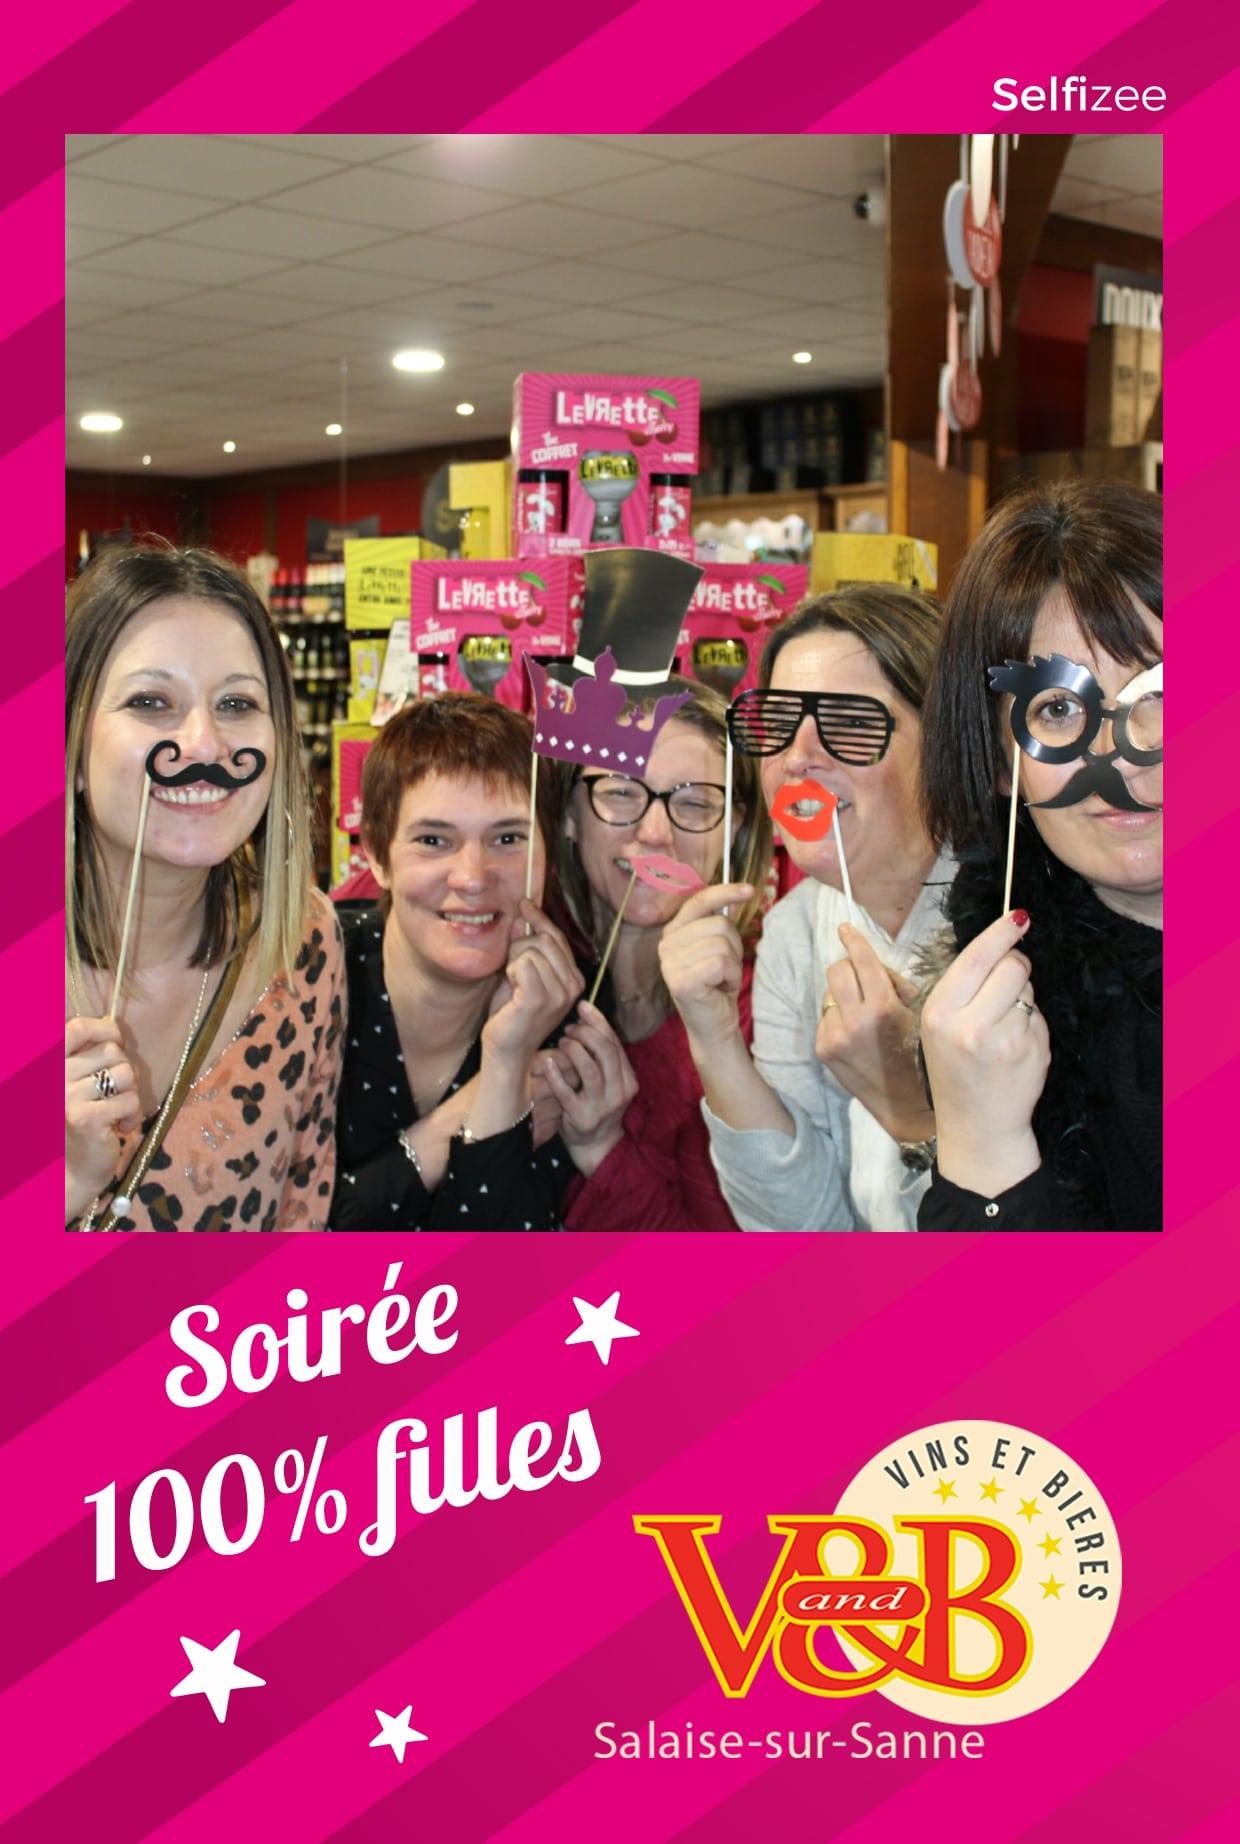 Borne selfie animation photo soirée filles au V and B Salaise sur Sanne / Isère avec photos personnalisées pour les clients